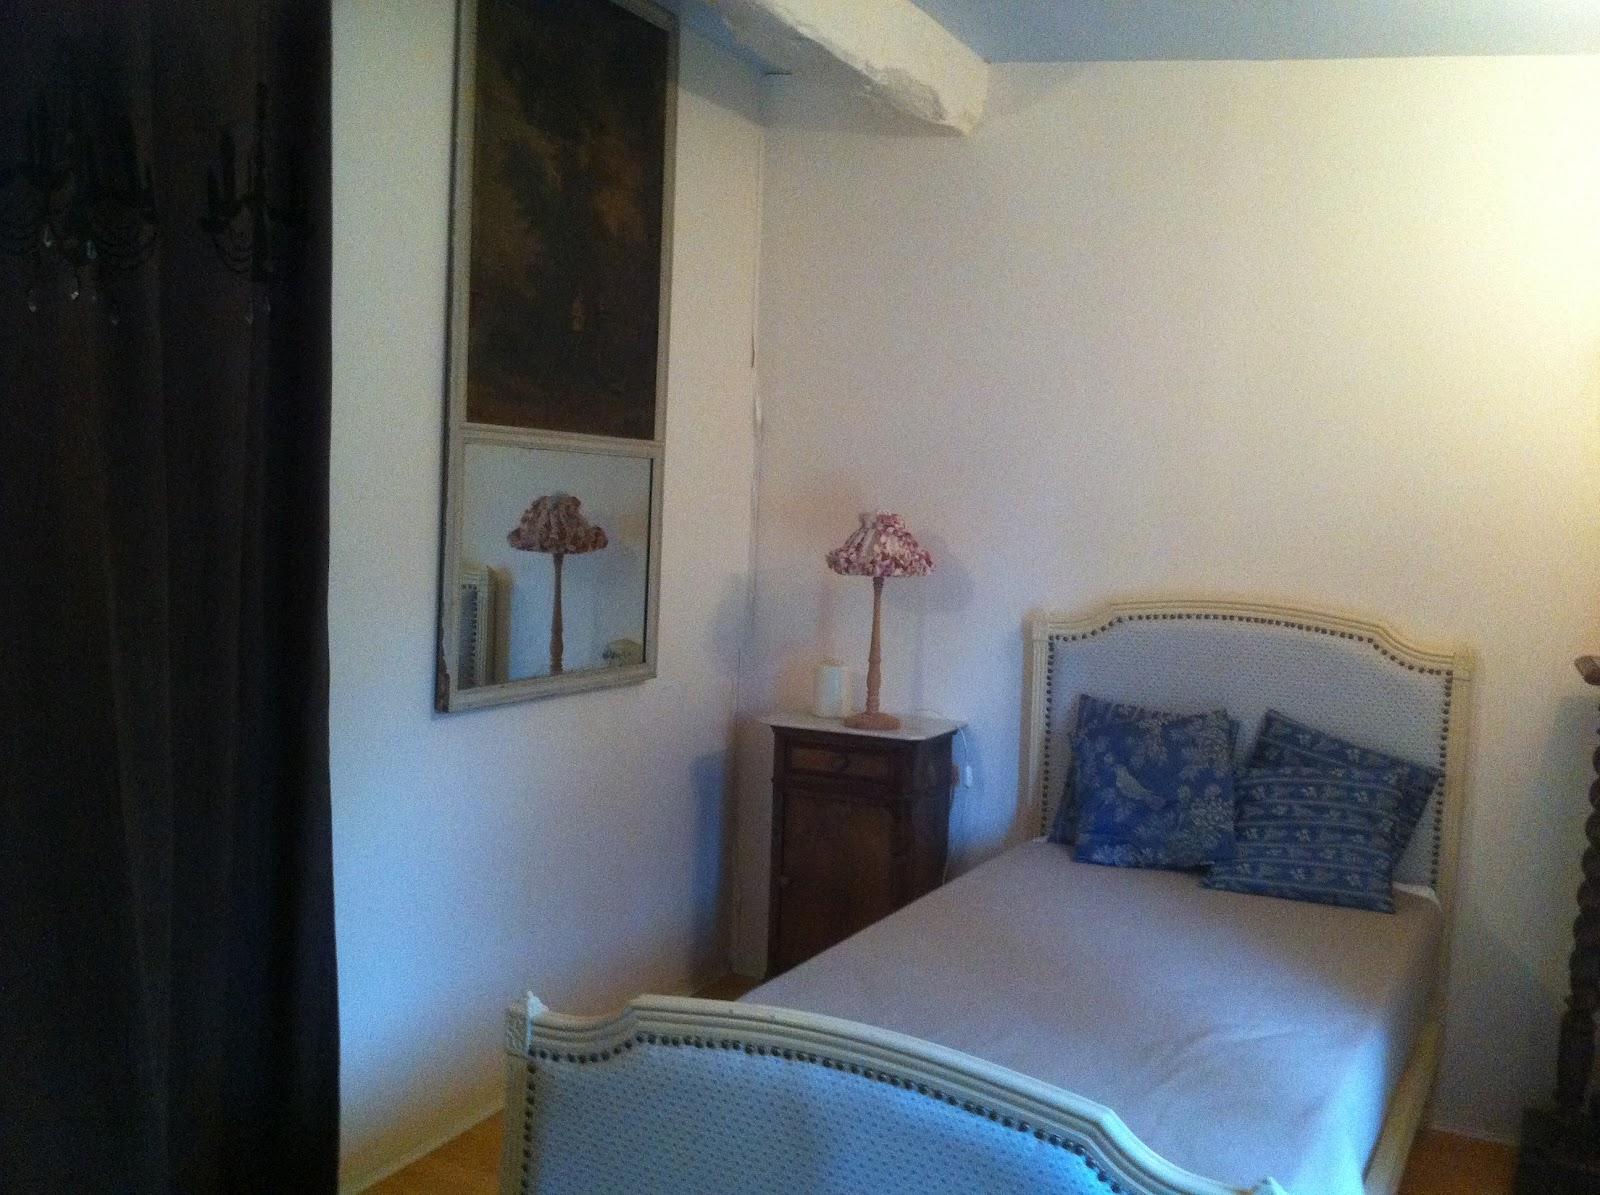 #2374A8 Maison De Vacances Ginestet: La Chambre Bleue  2357 petite chambre bleue 1600x1195 px @ aertt.com